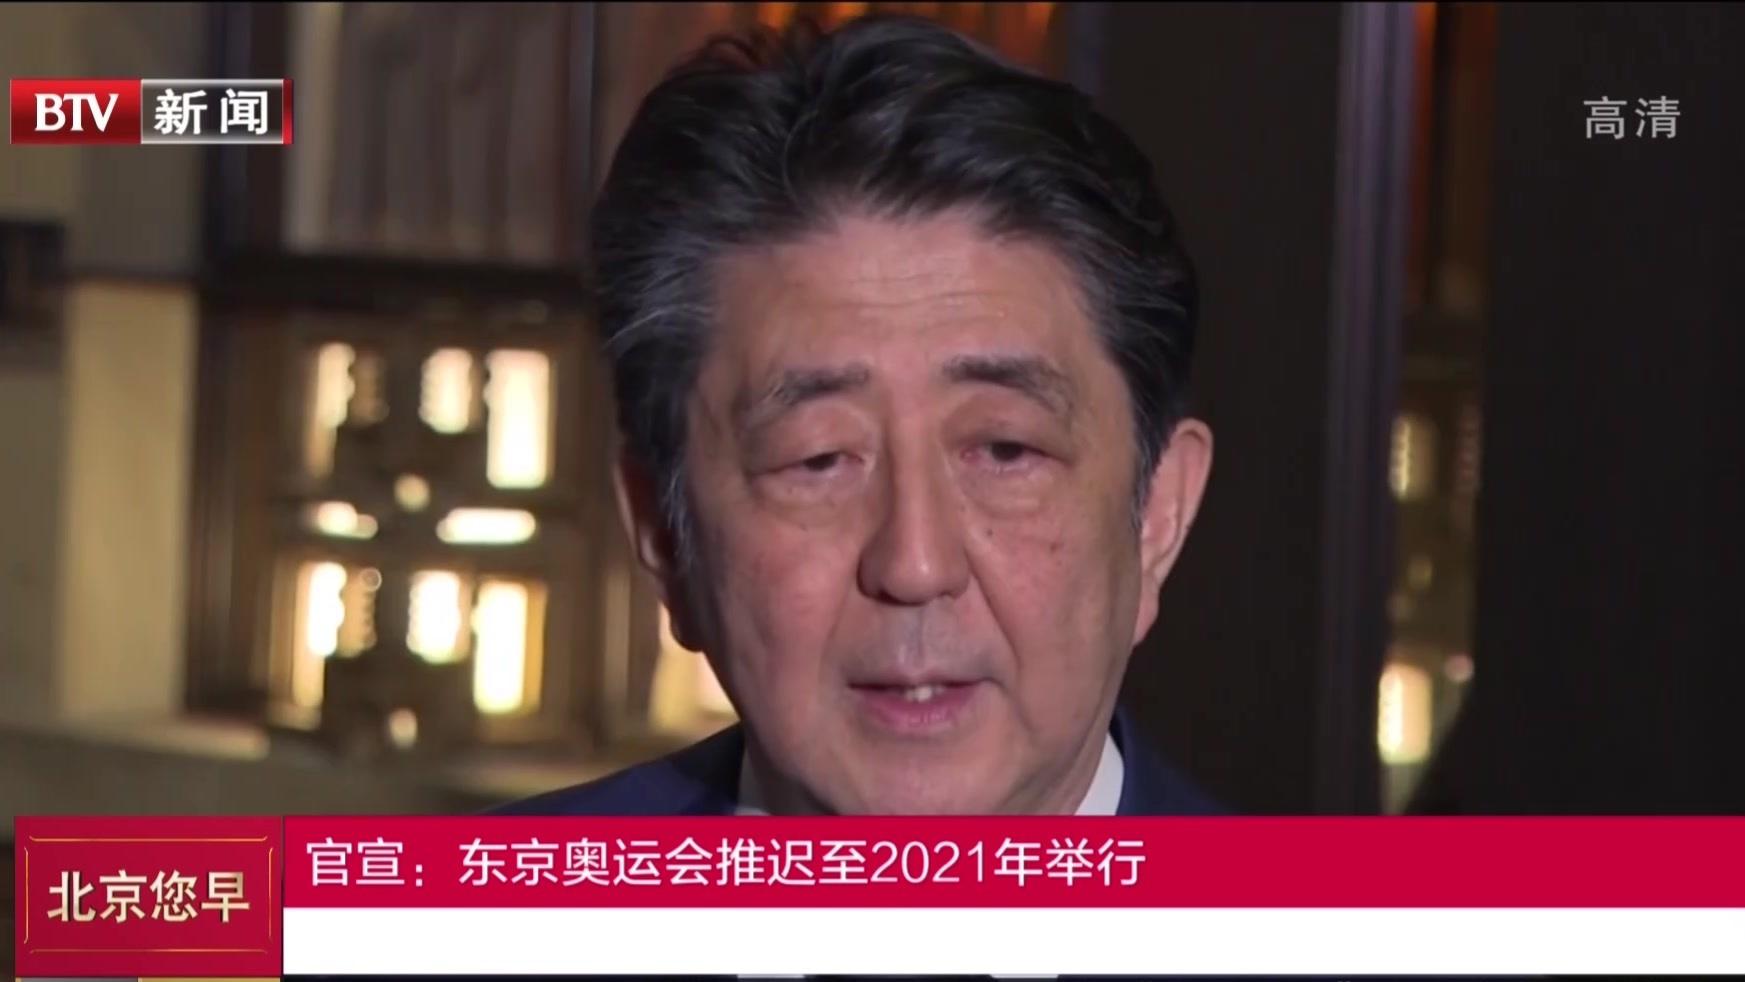 官宣:东京奥运会推迟至2021年举行